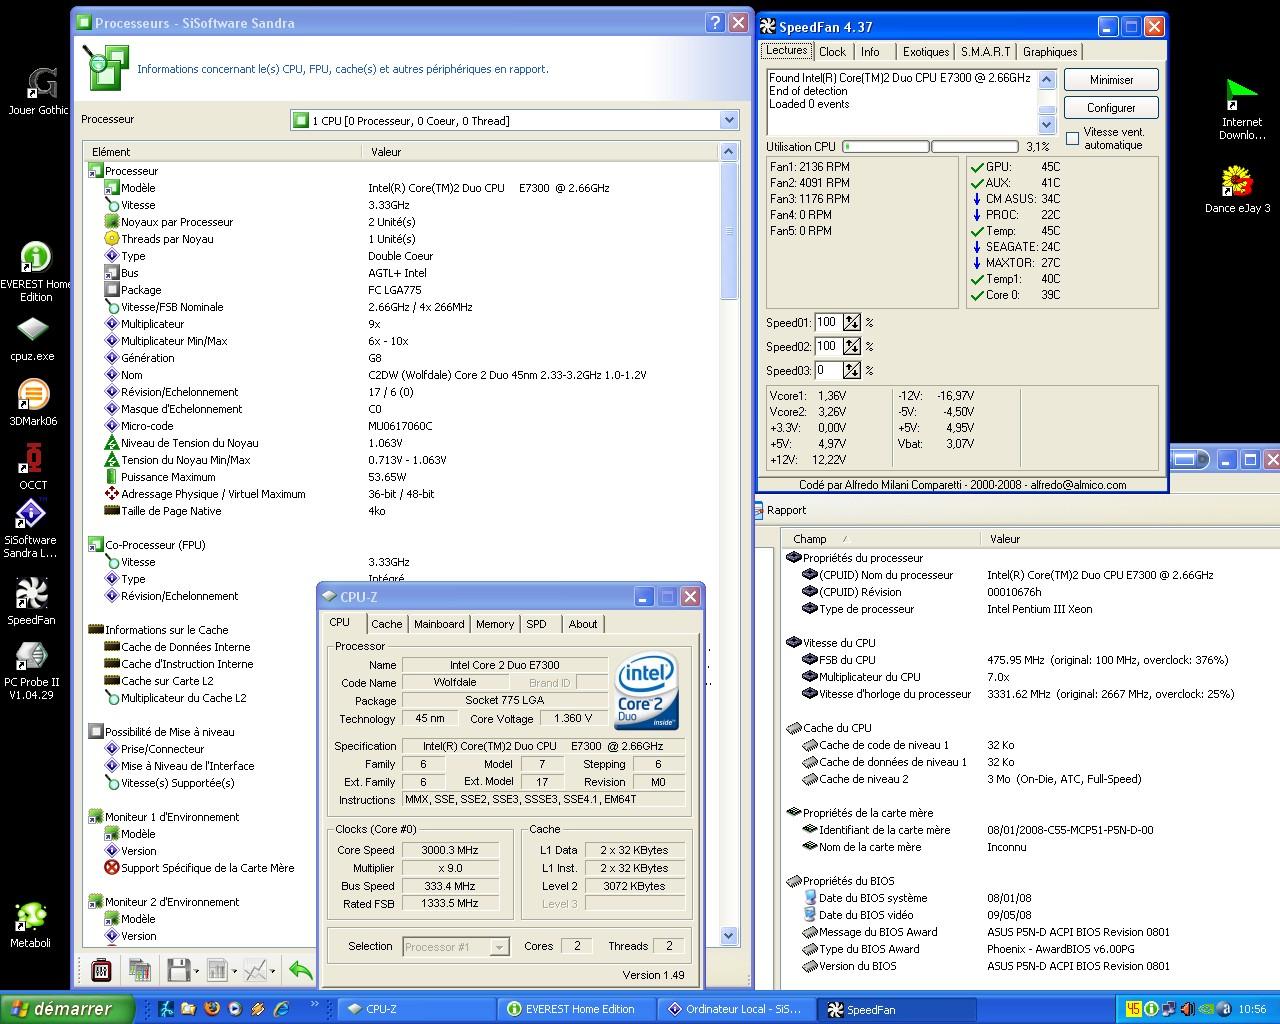 http://nsm01.casimages.com/img/2009/01/04//09010411503423082950221.jpg